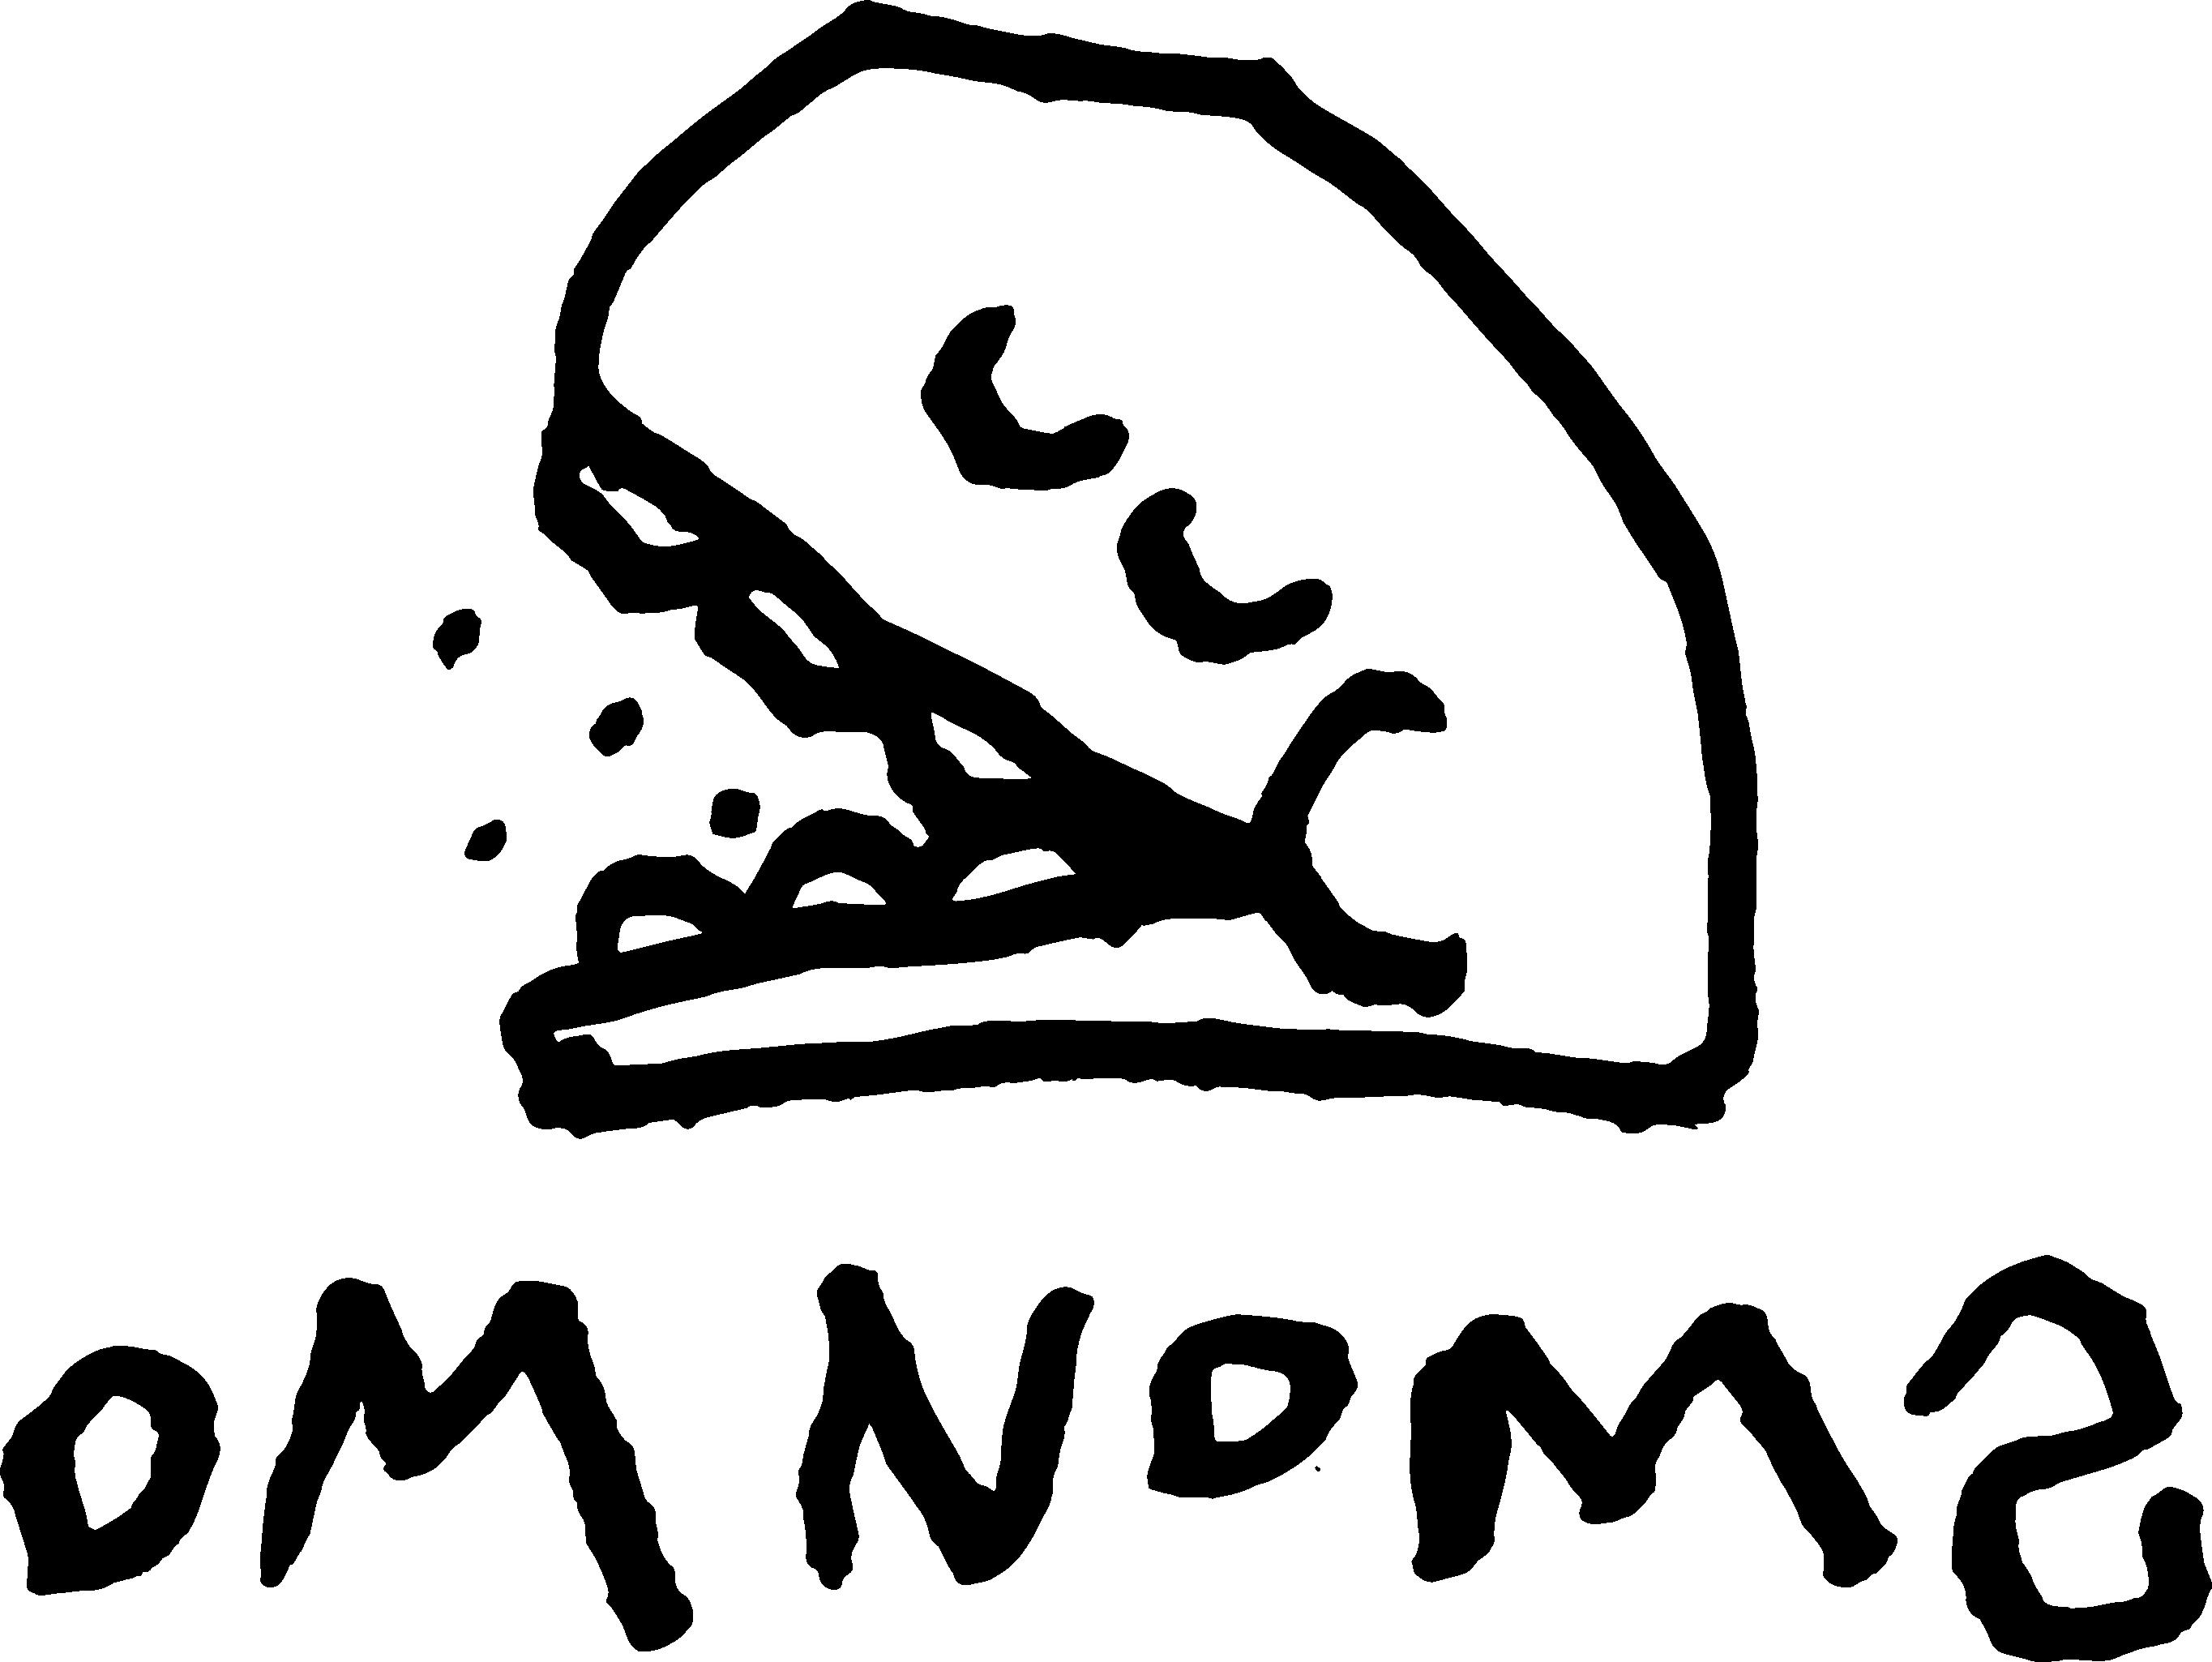 omnoms logo